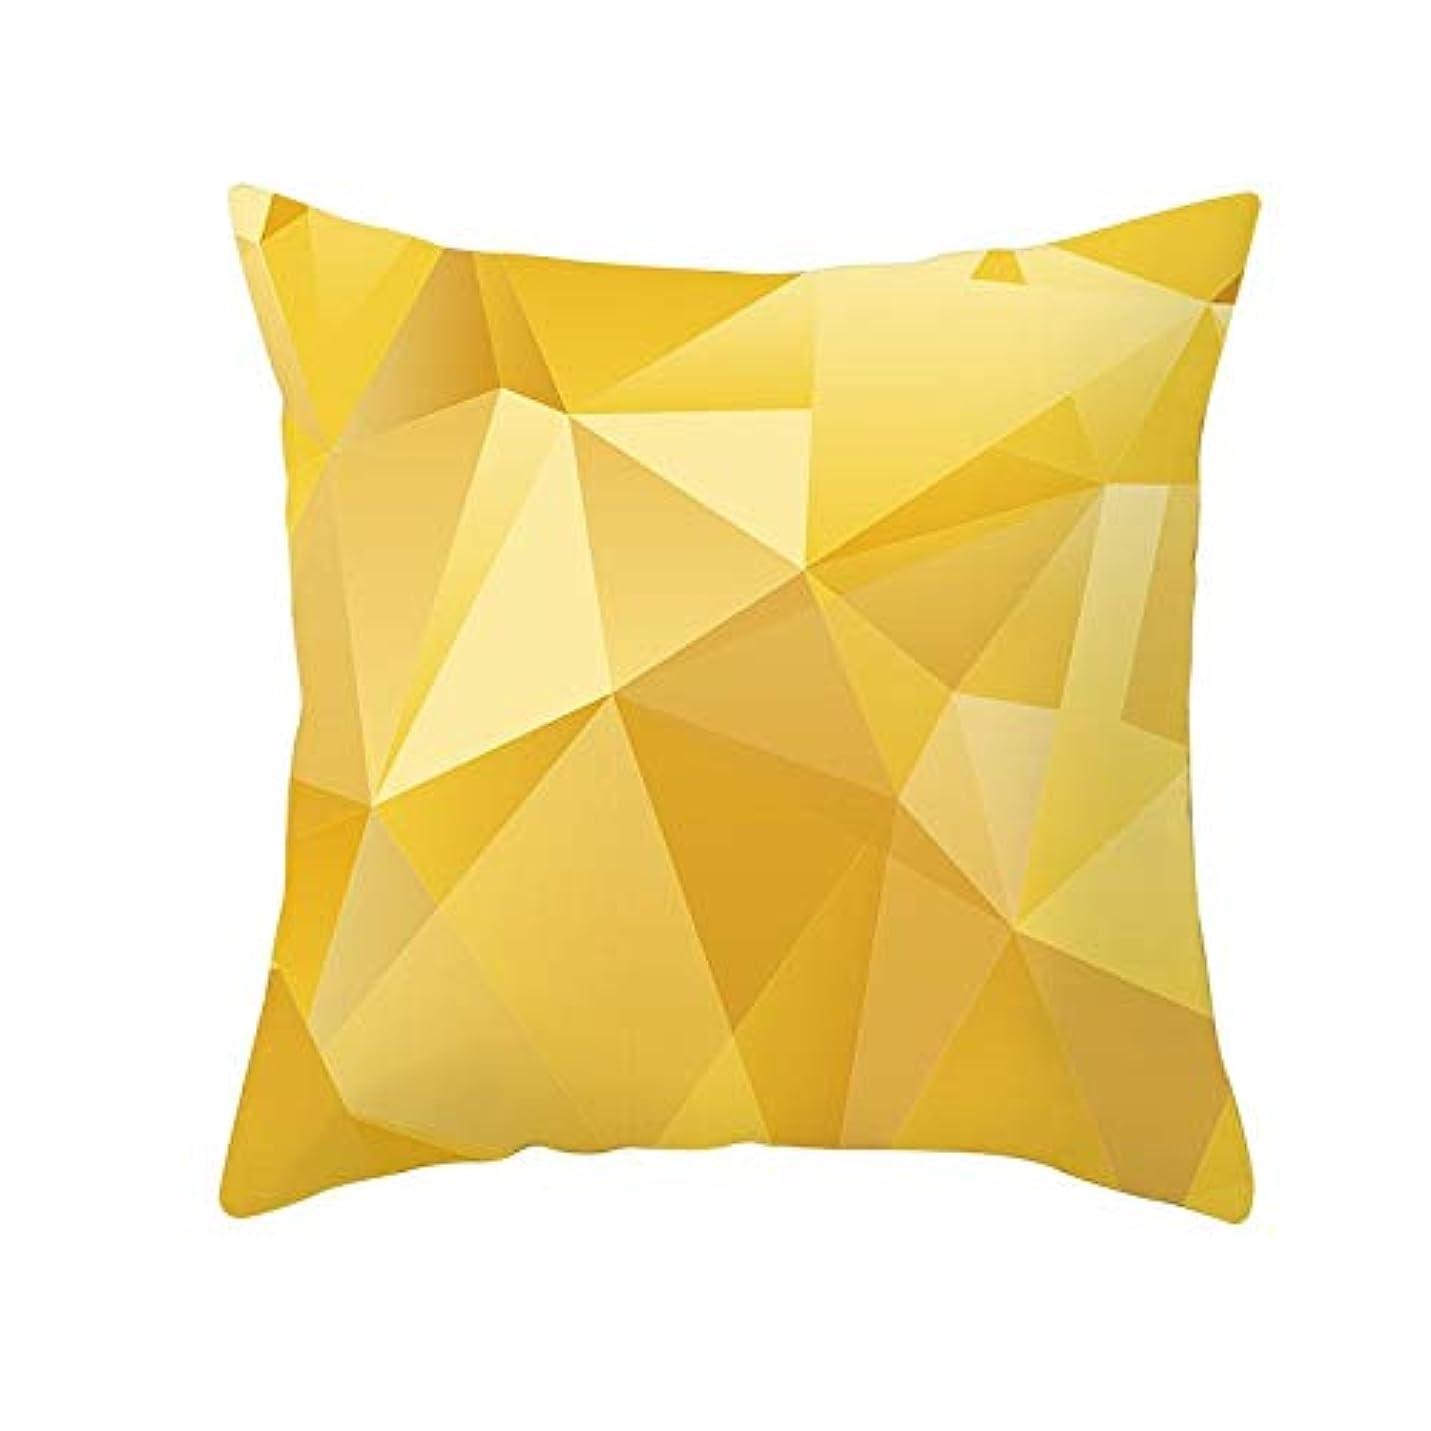 薄暗い面白い気球LIFE 装飾クッションソファ 幾何学プリントポリエステル正方形の枕ソファスロークッション家の装飾 coussin デ長椅子 クッション 椅子